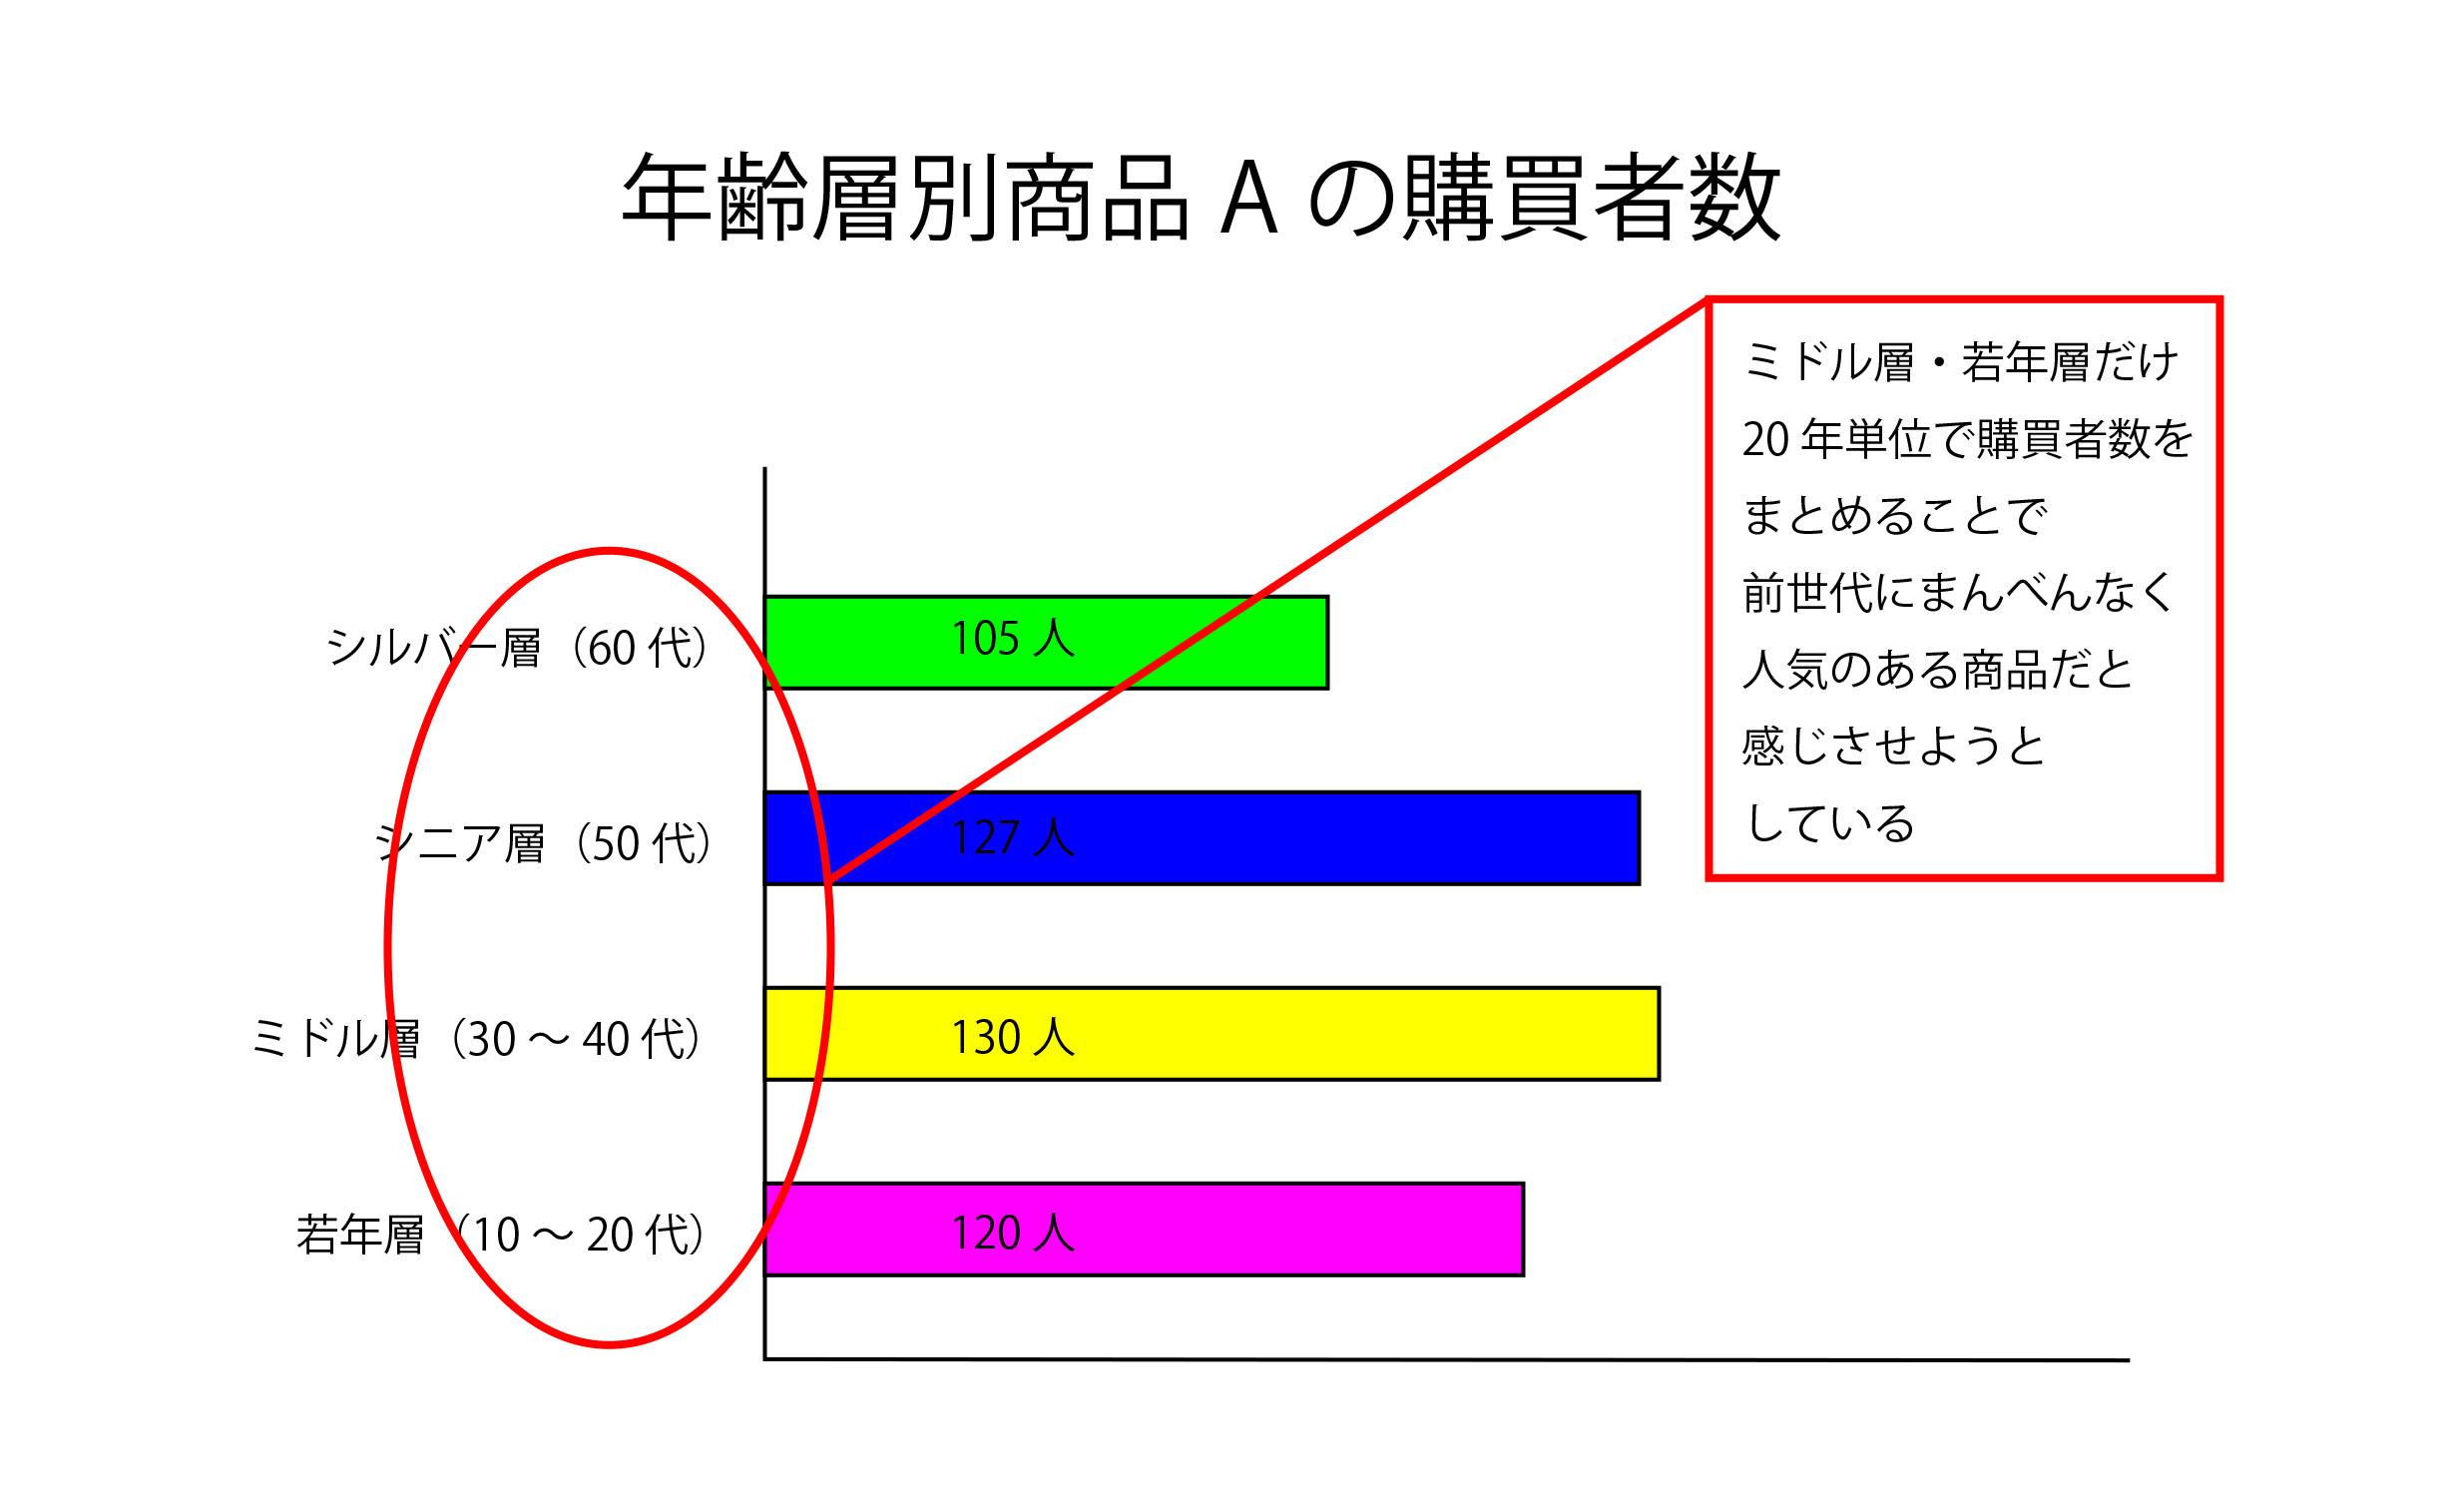 「項目の分類が恣意的なグラフ」の例